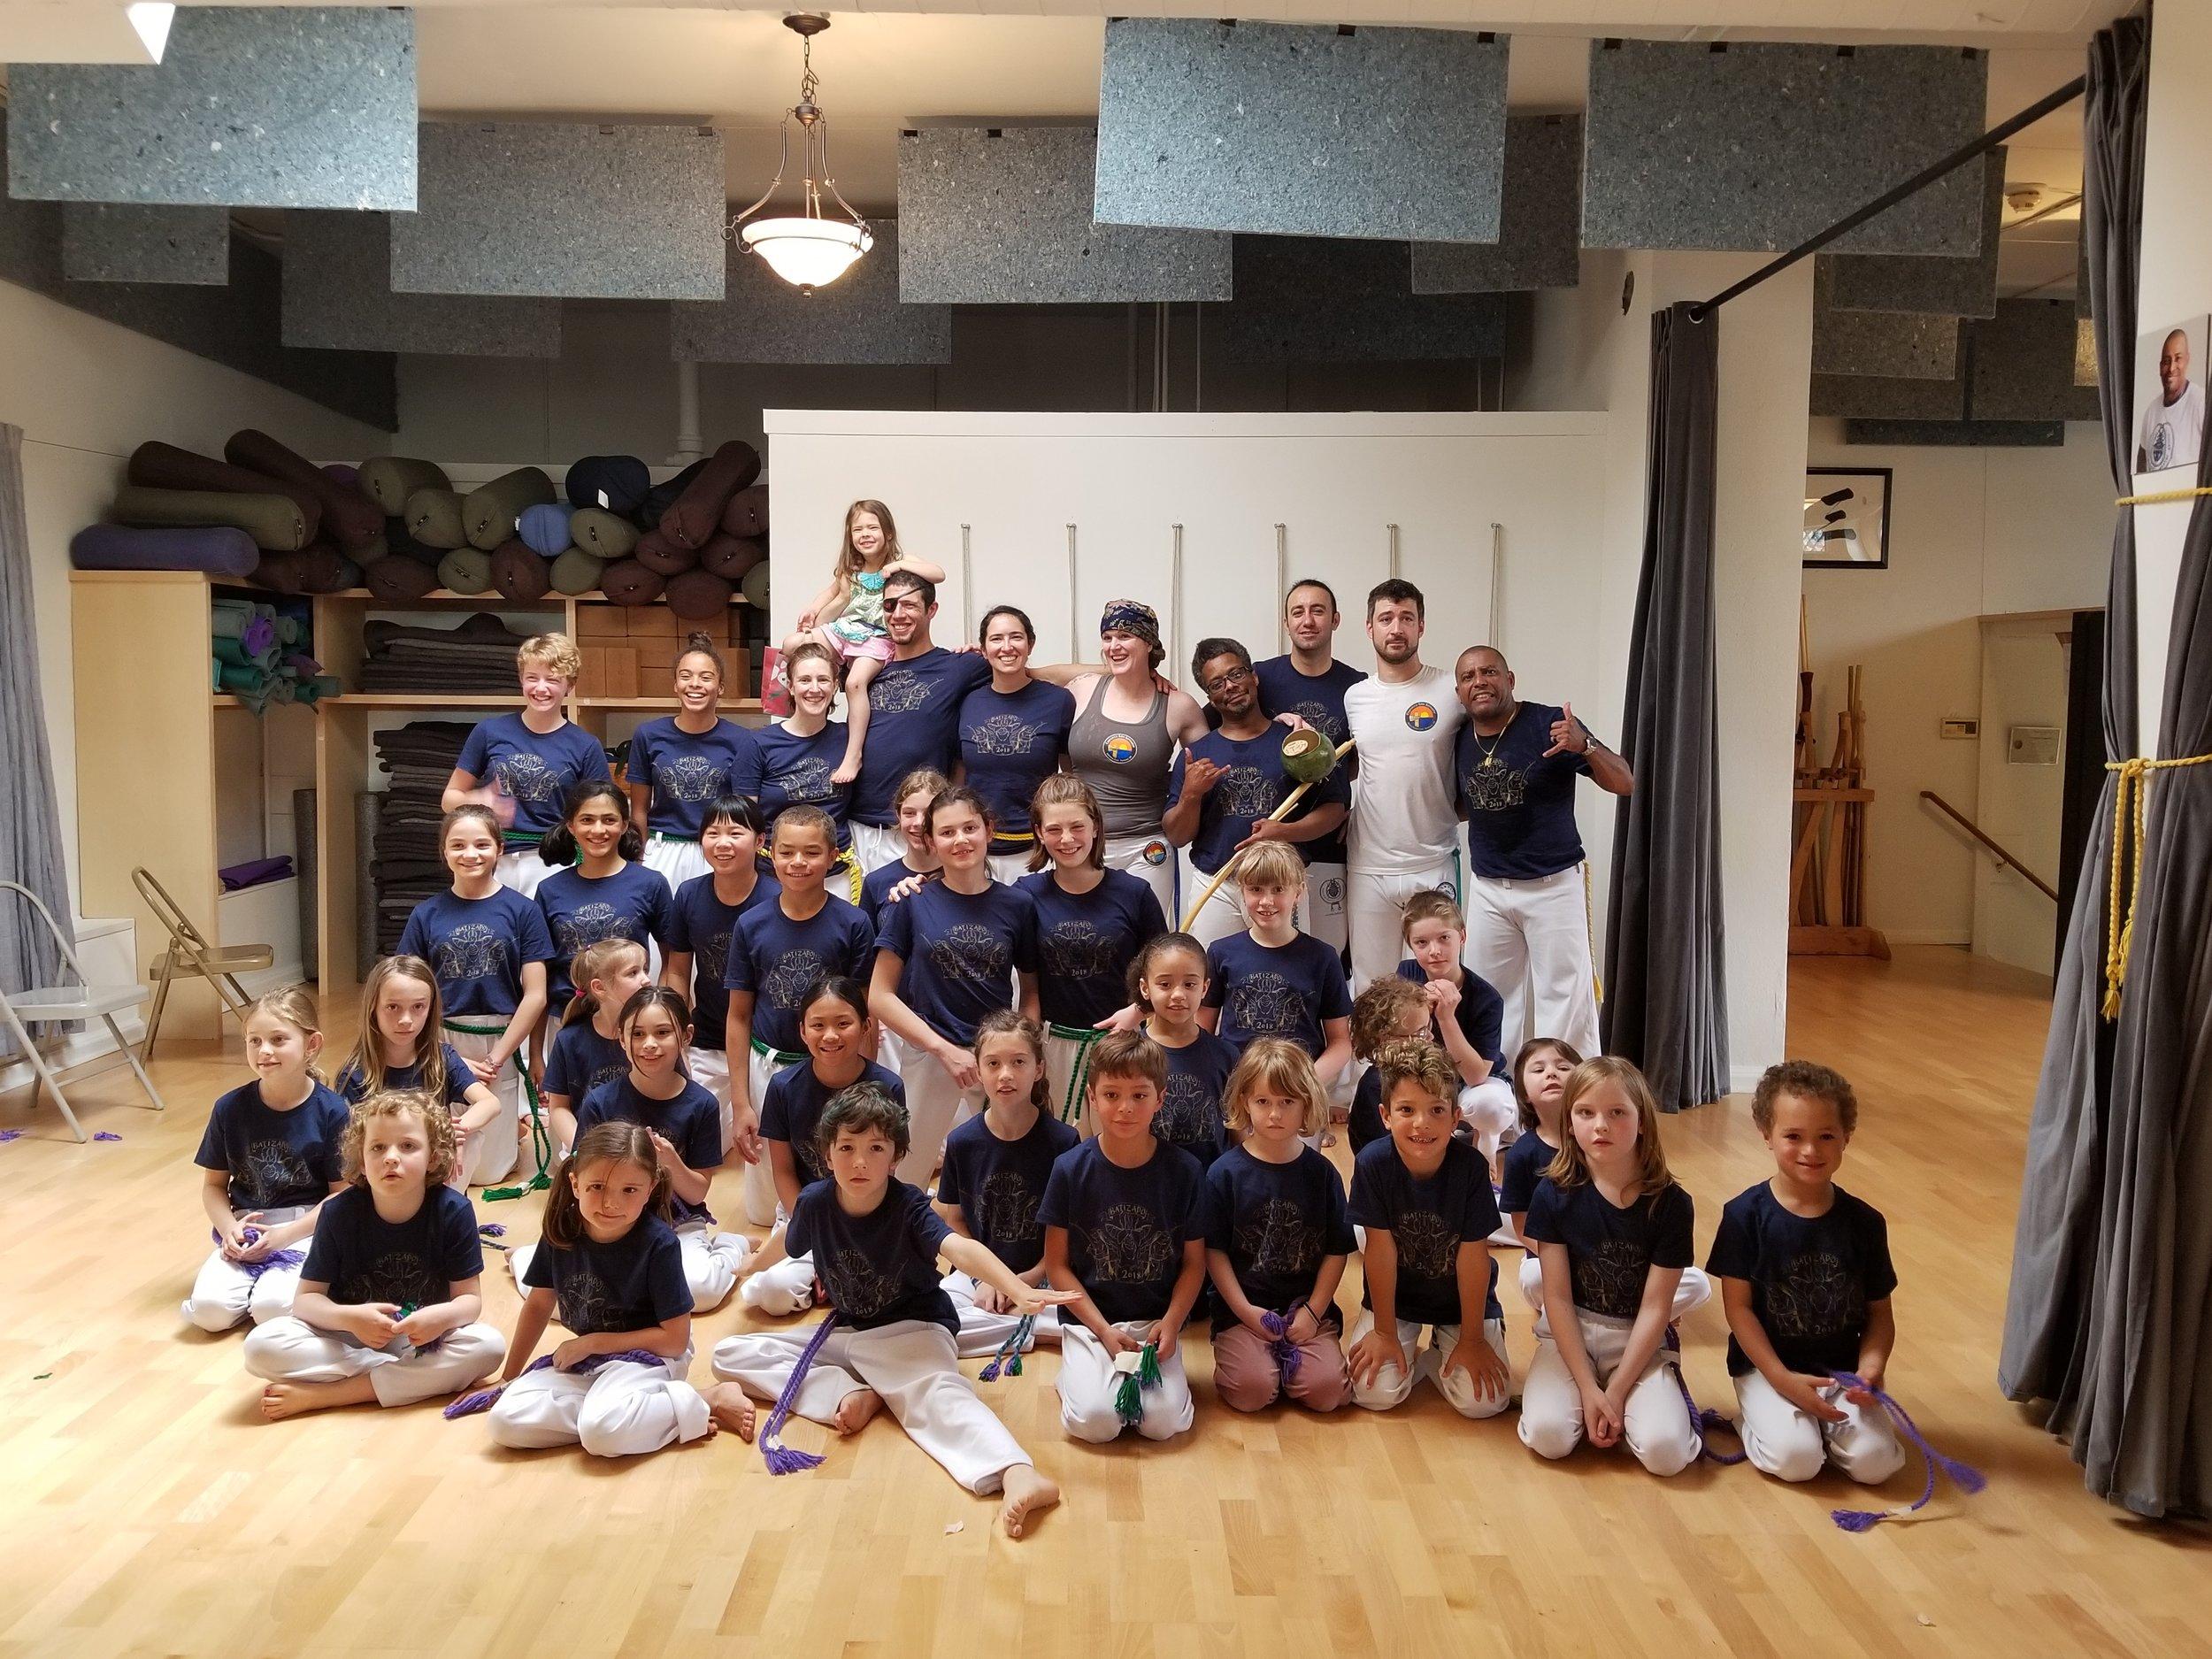 Capoeira Besouro Oregon Batizado 2018.jpg